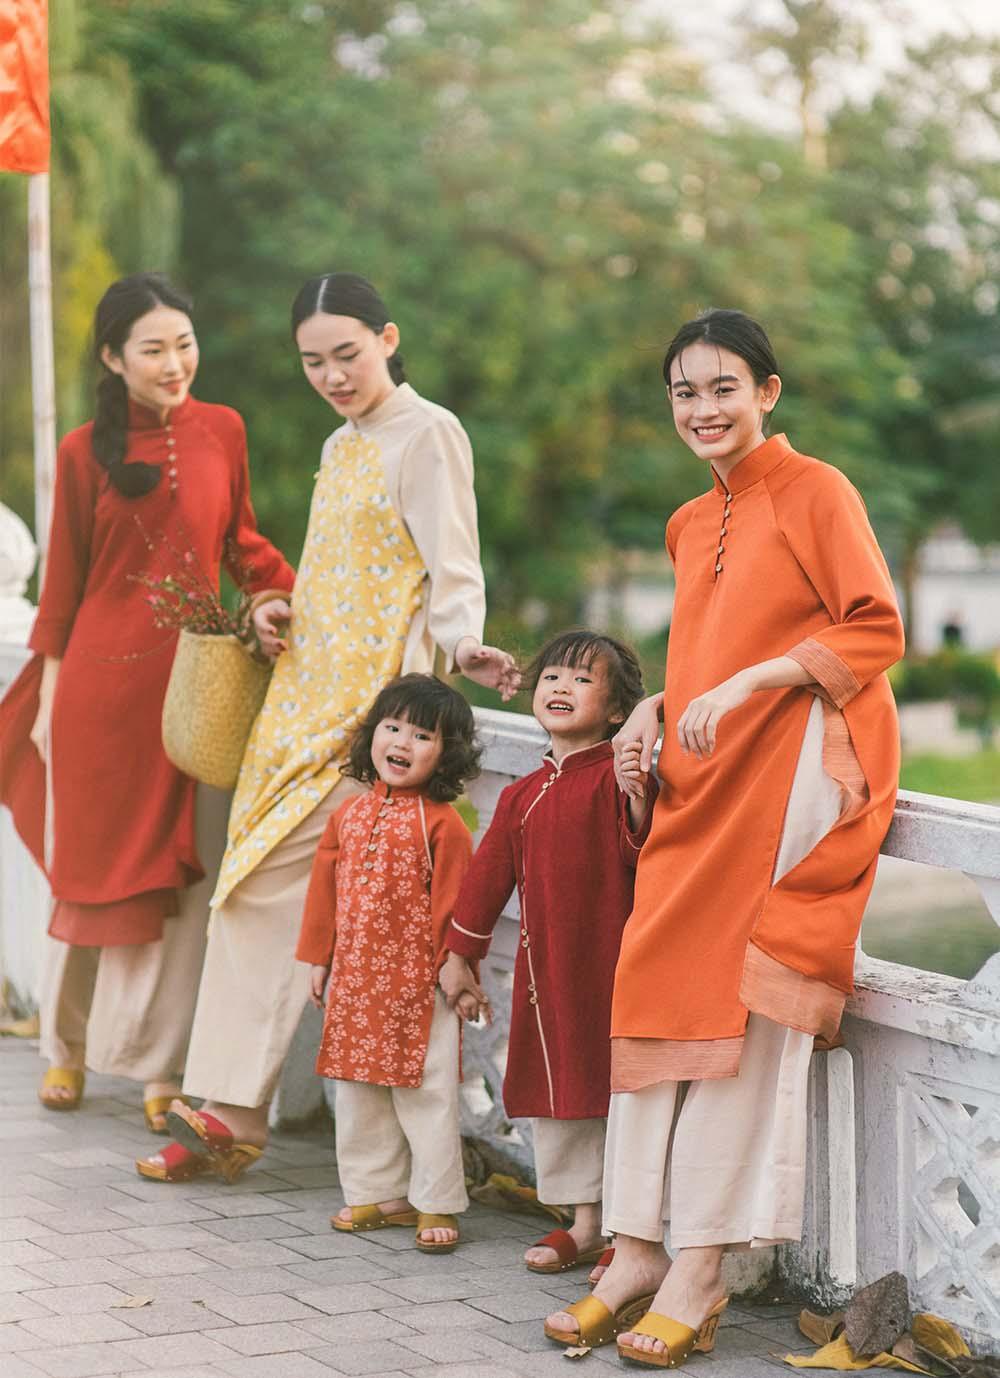 Tết 2021, mỹ nhân Việt diện áo dài cùng loạt phụ kiện thời ông bà: guốc mộc, làn đi chợ - 1